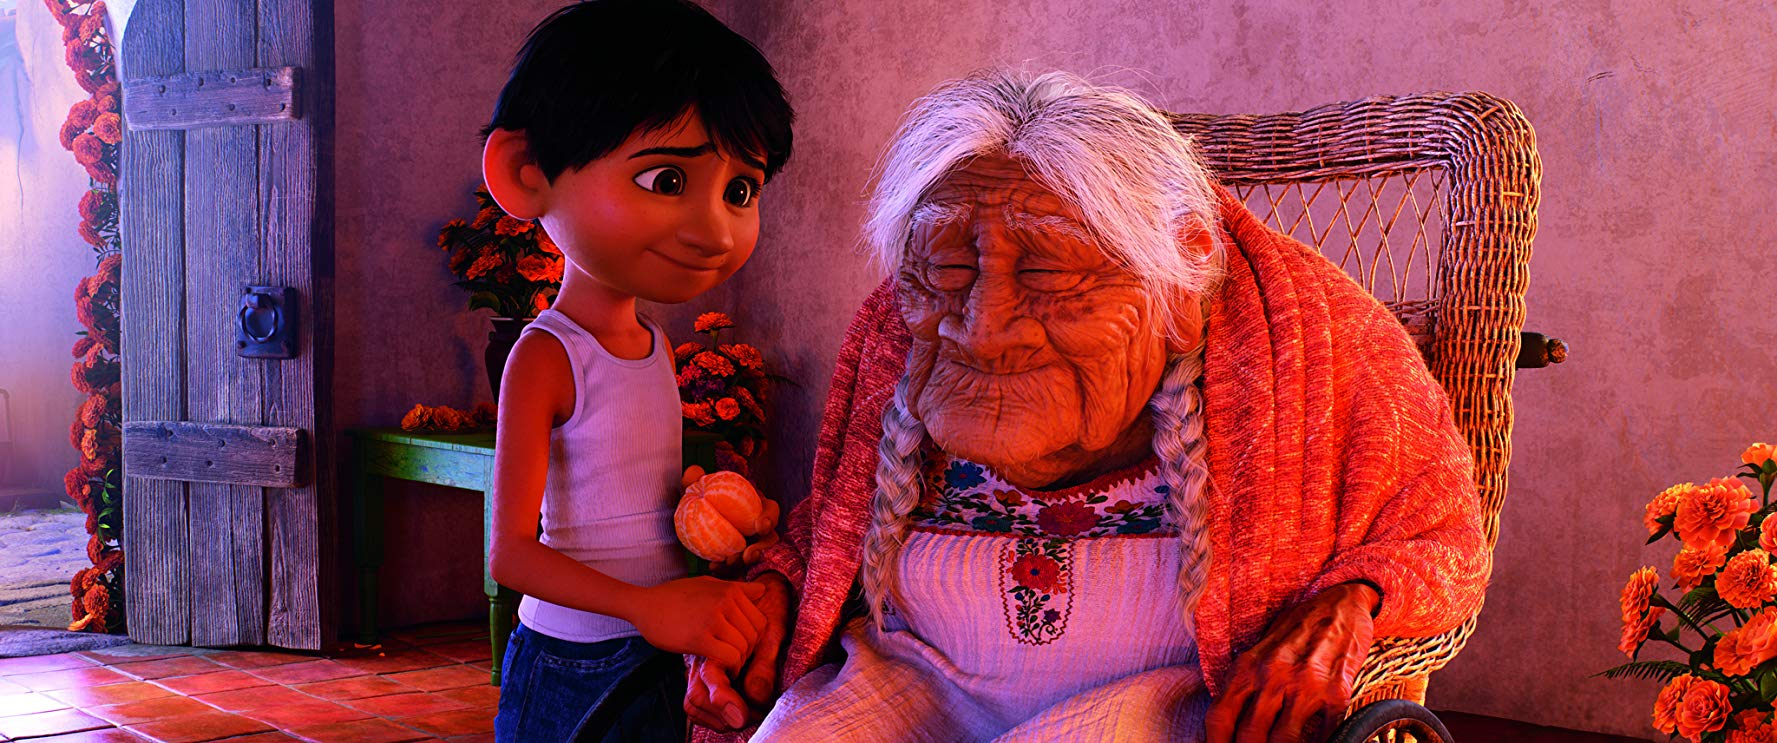 لقطة من فيلم «Coco»، أحد أفلام ديزني الحديثة